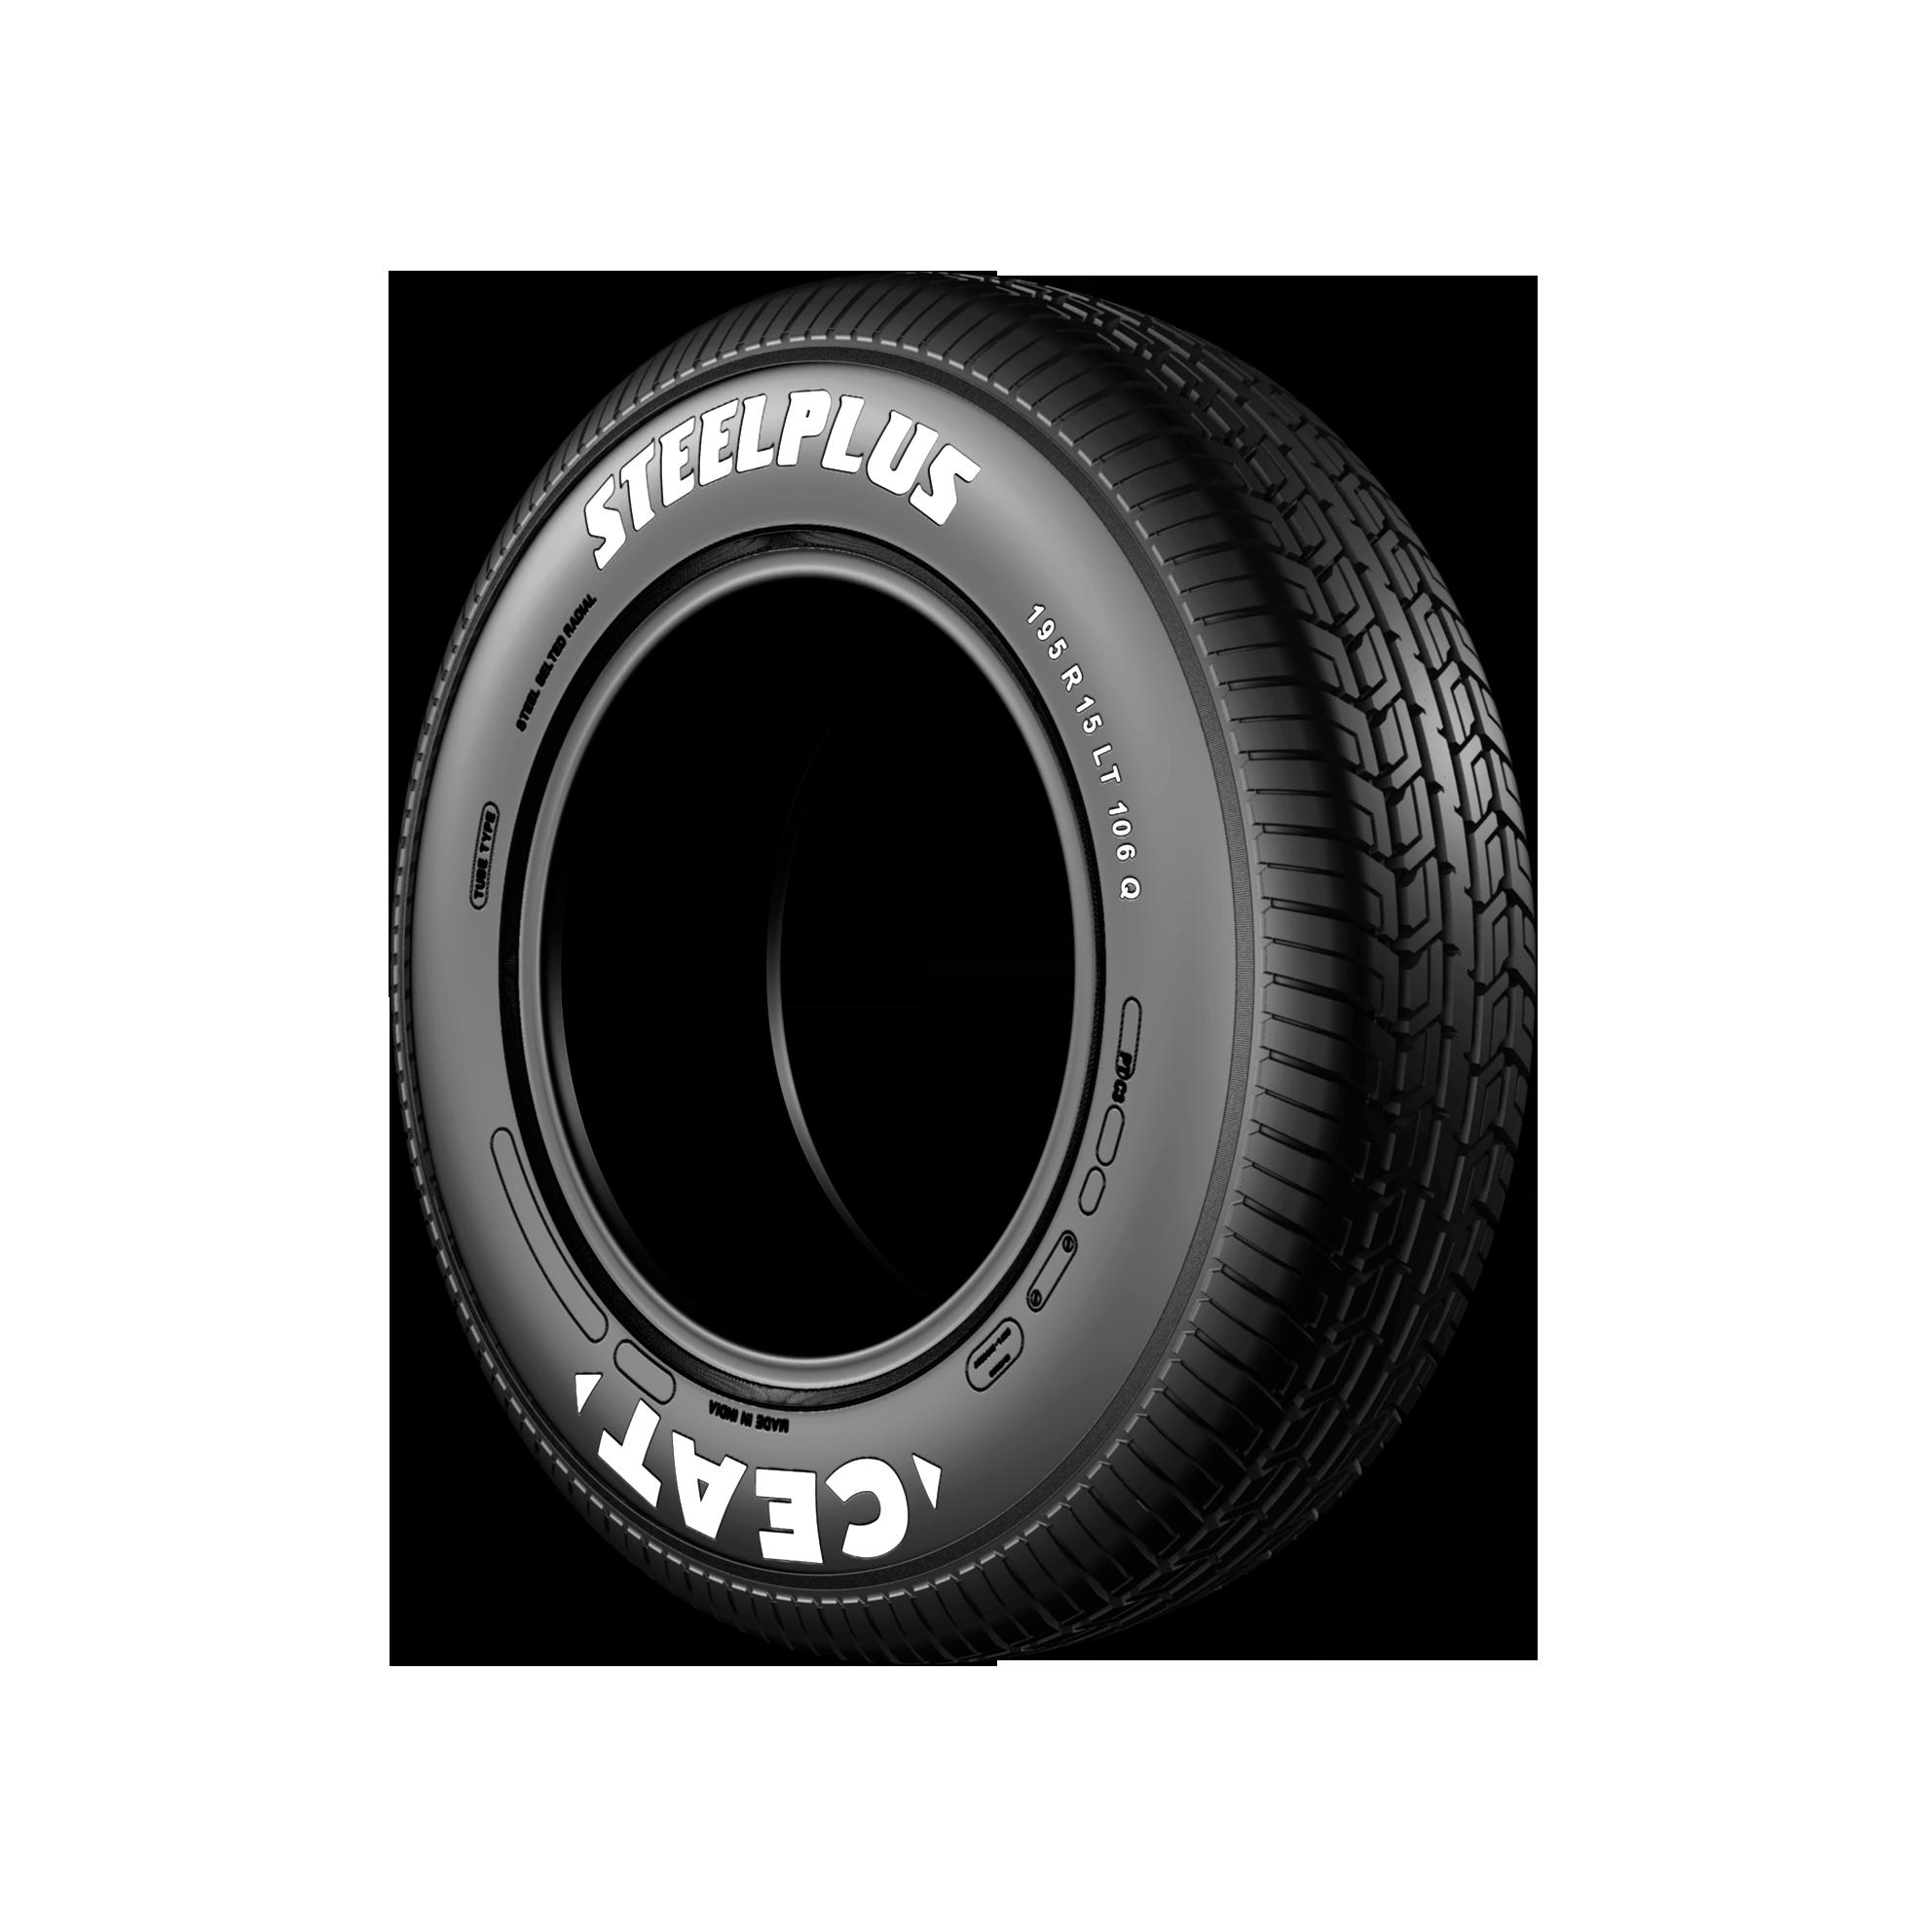 CEAT STEEL PLUS 195/80 R 15 Requires Tube 105 Q Car Tyre